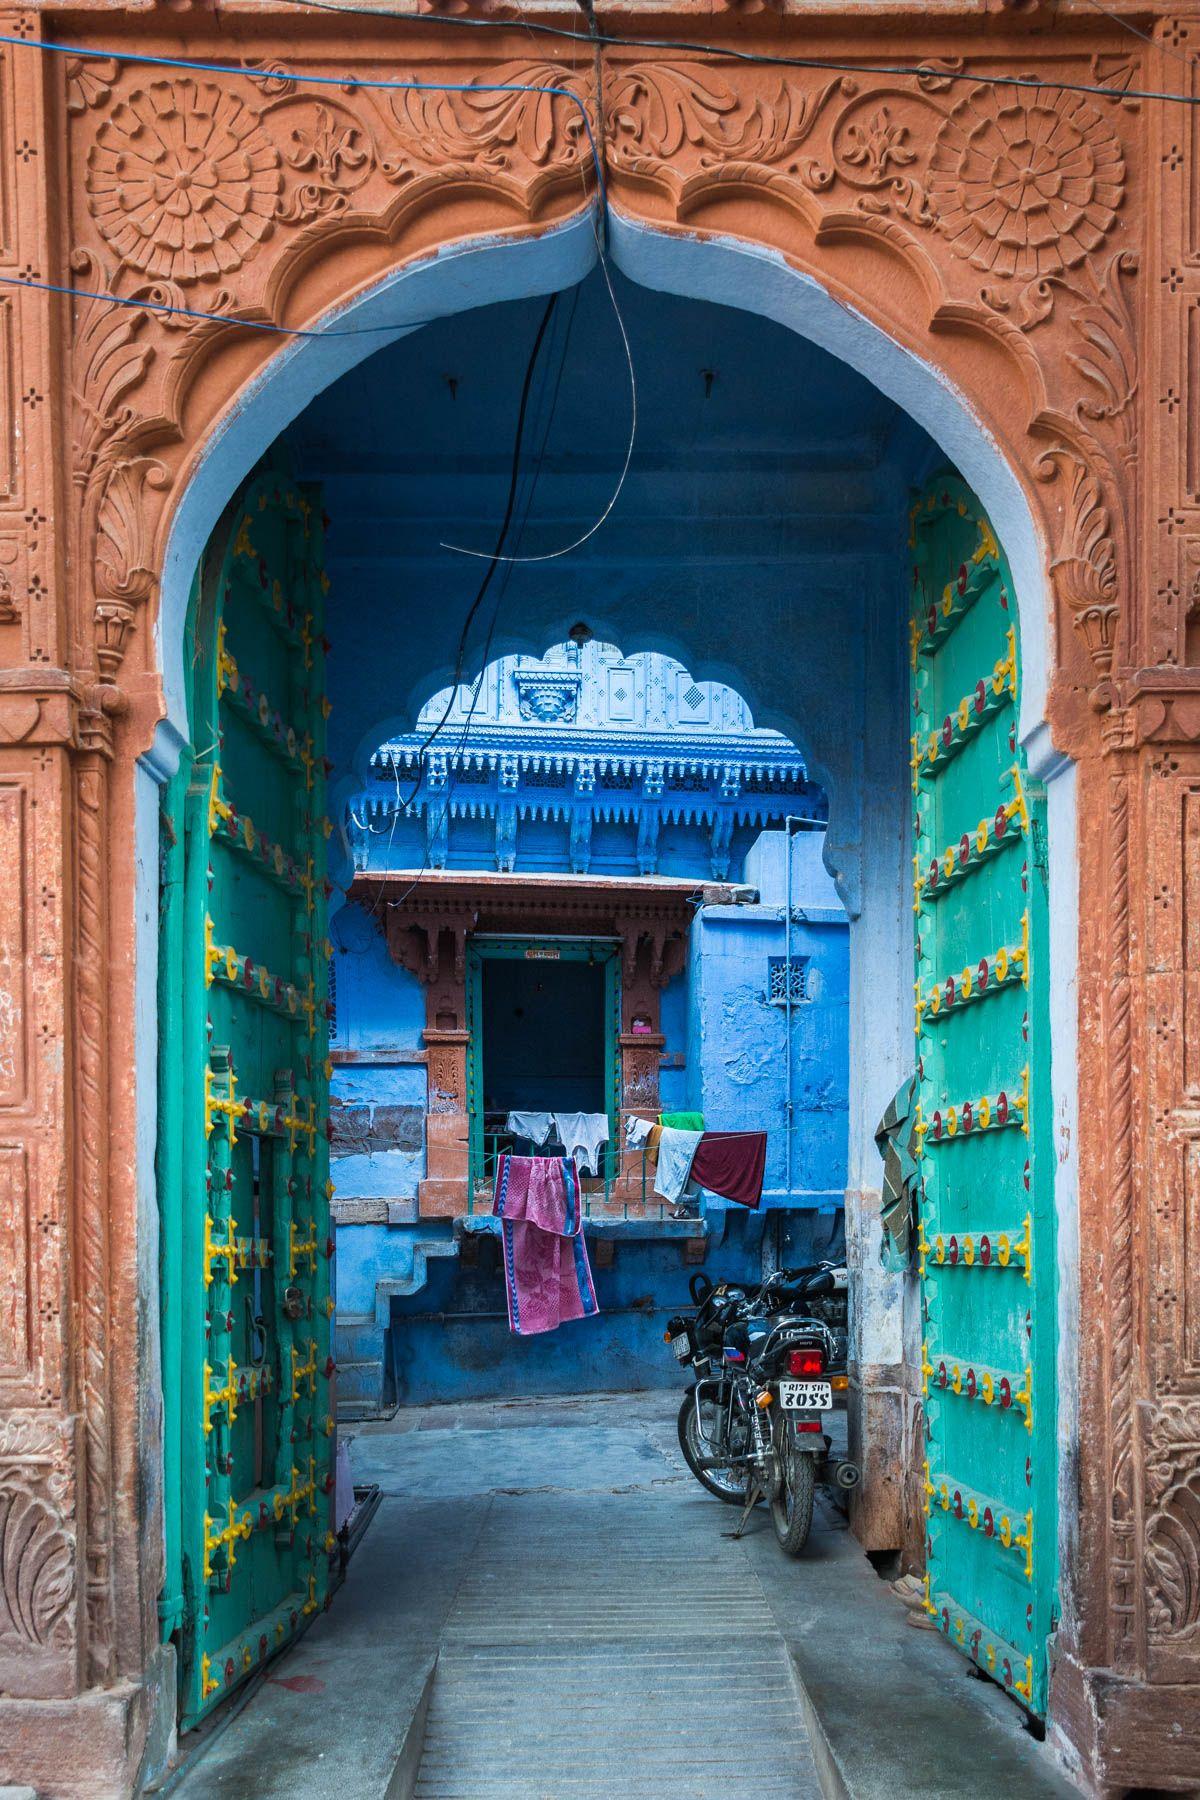 Recorriendo las calles de la ciudad de Jodhpur en Rajastán